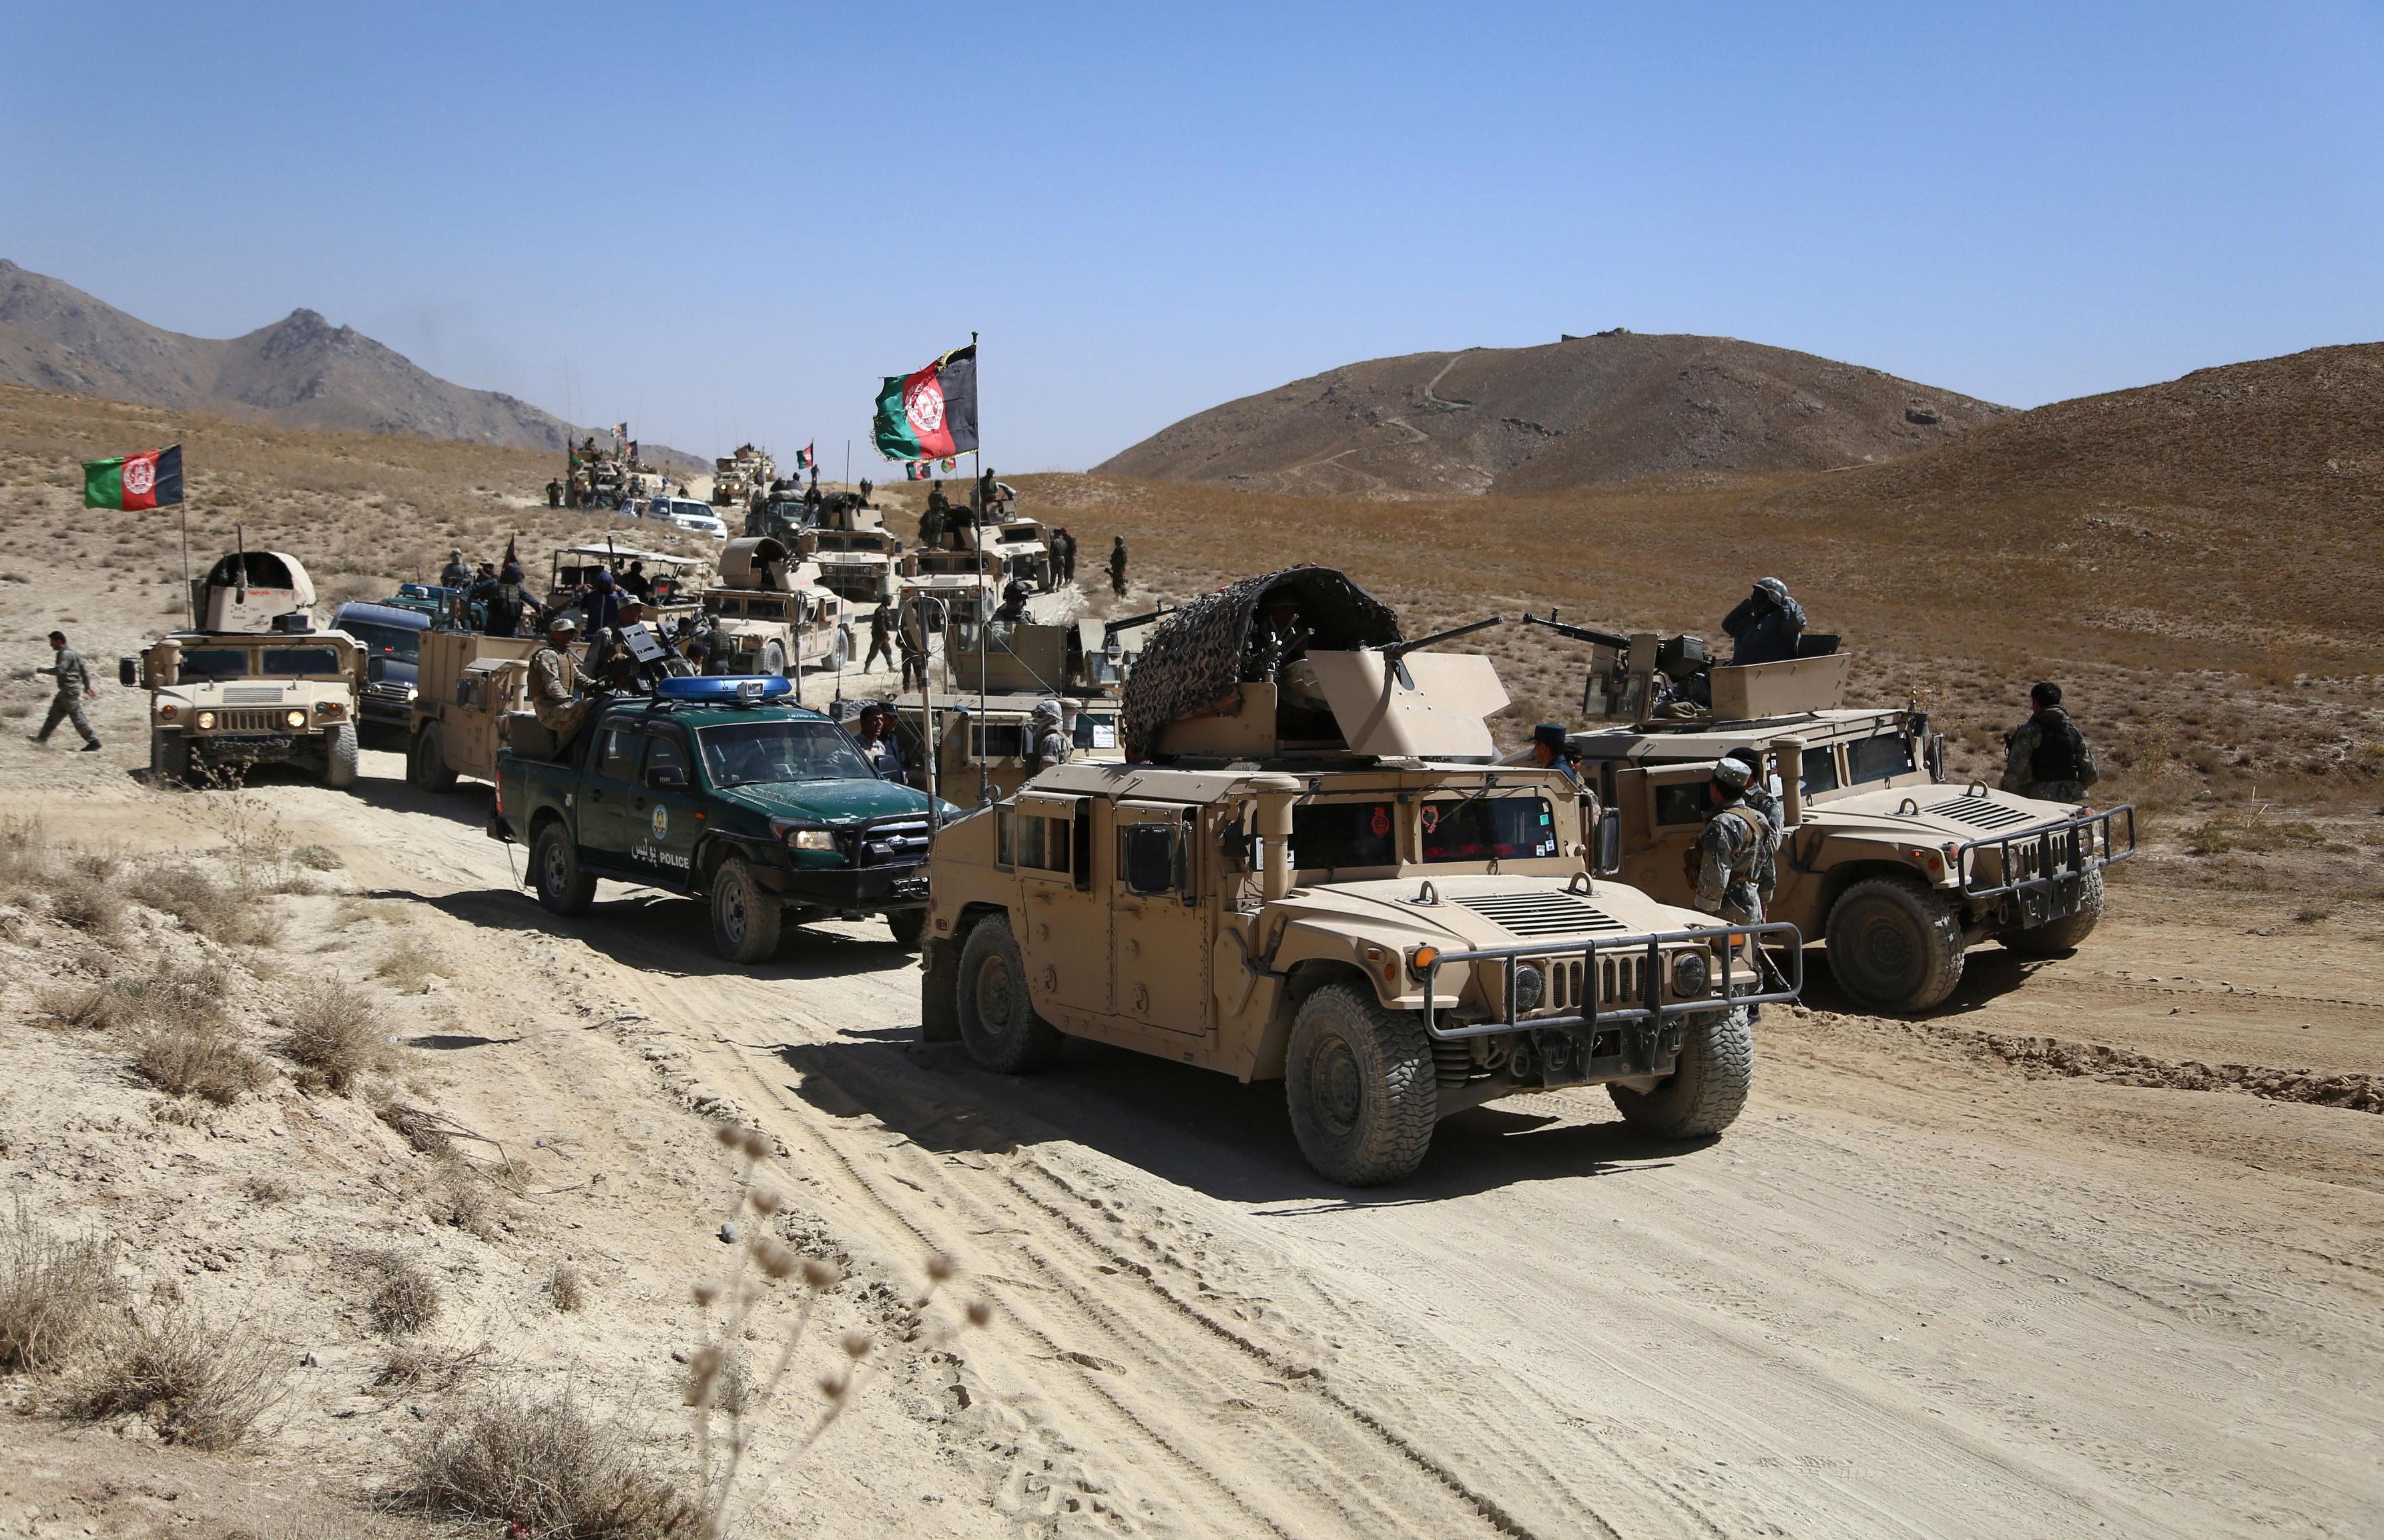 افغان ها و جنگجویان سابق یکبار دیگر صدای صلح بلند کردند